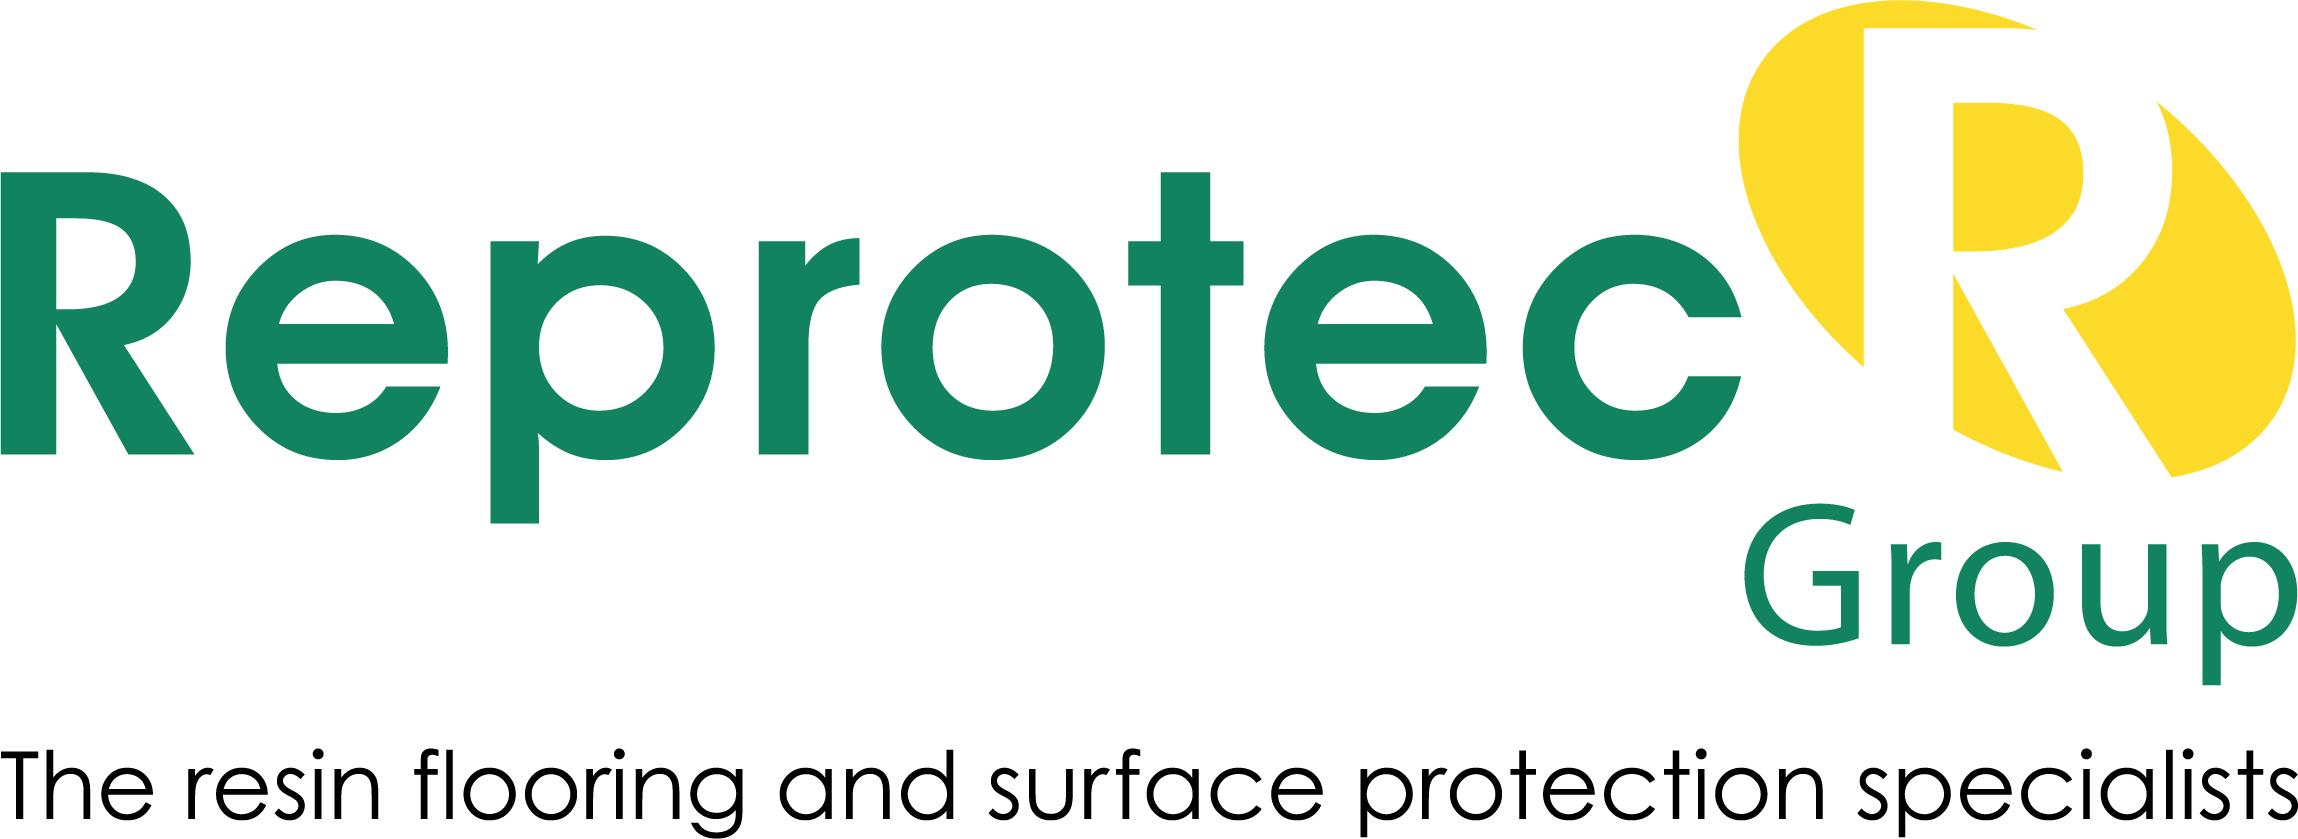 H55 - Reprotec UK Ltd